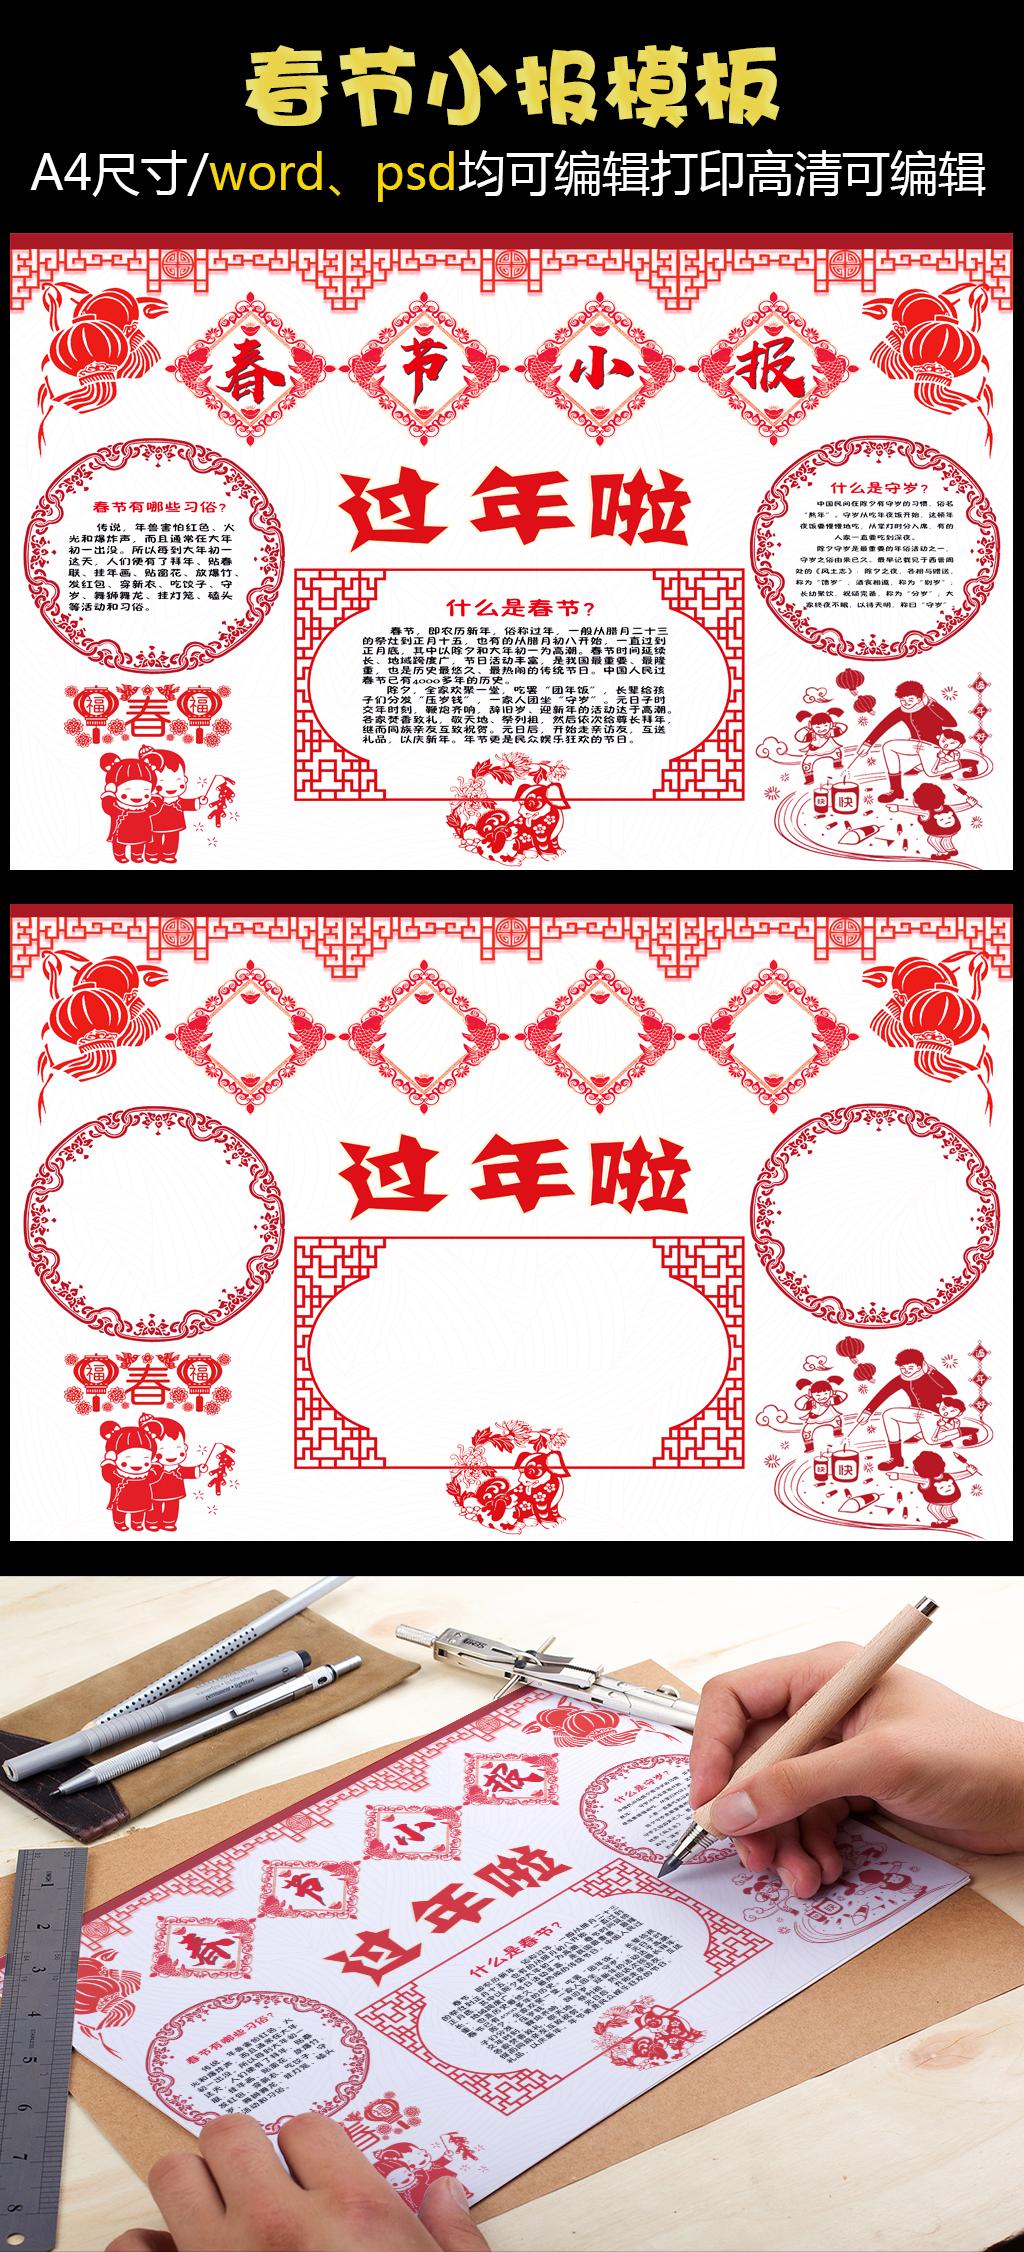 2018年狗年剪纸卡通风格春节手抄图片设计素材 高清PSD模板下载 图片